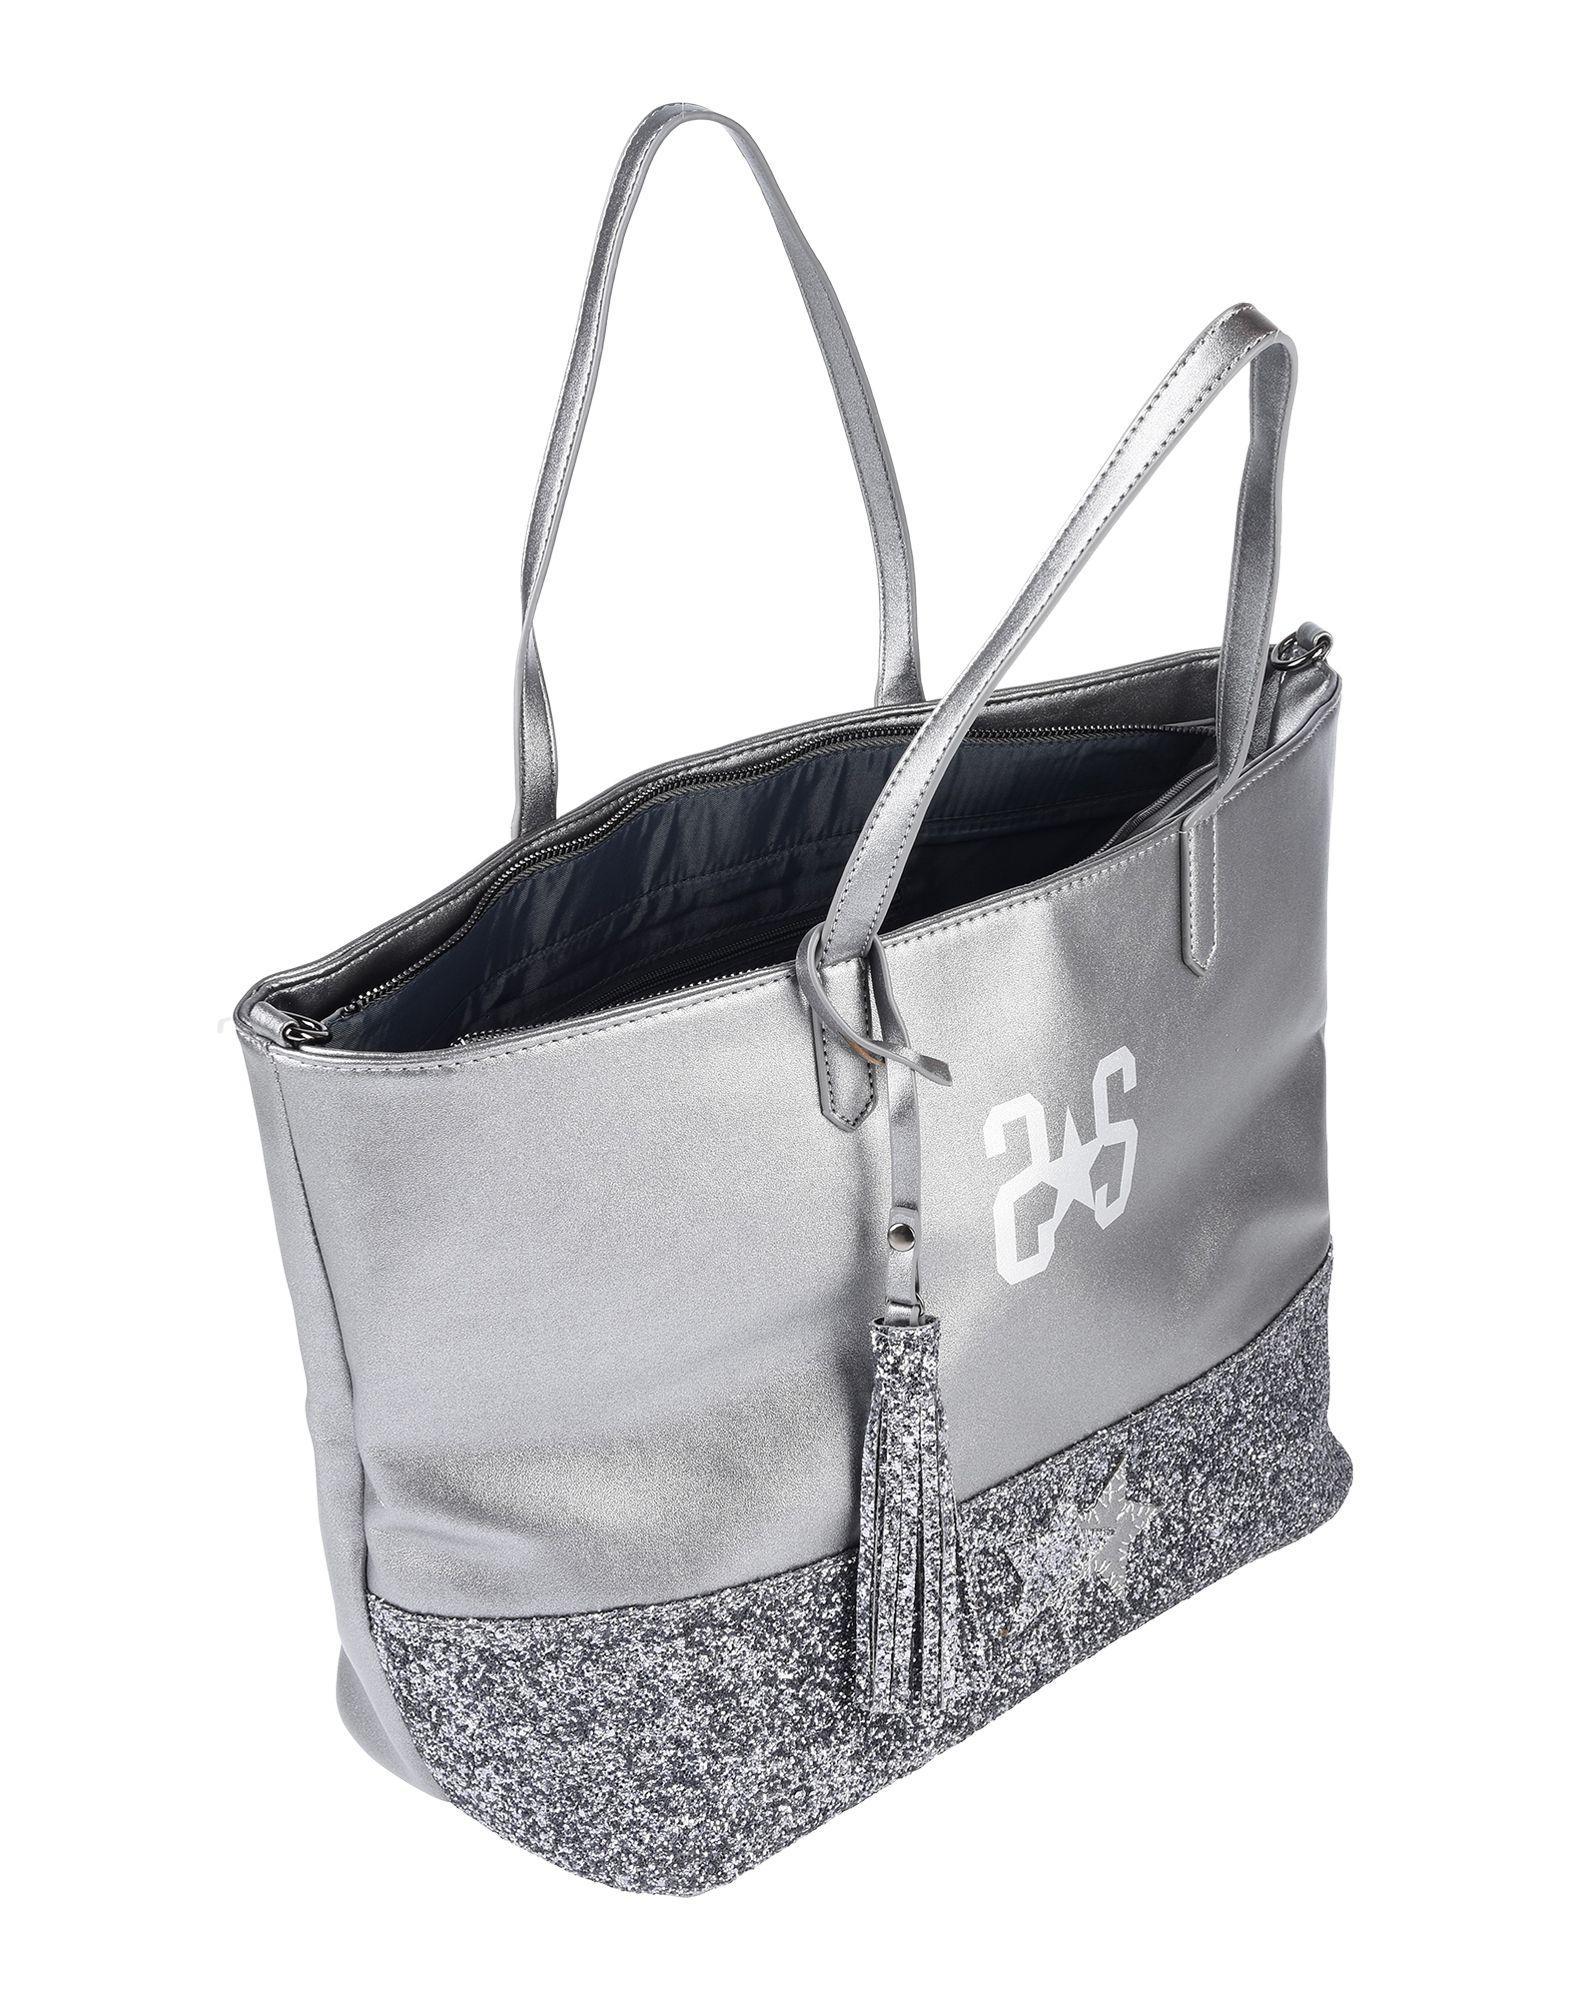 2Star Handtaschen in Grau Dh0md